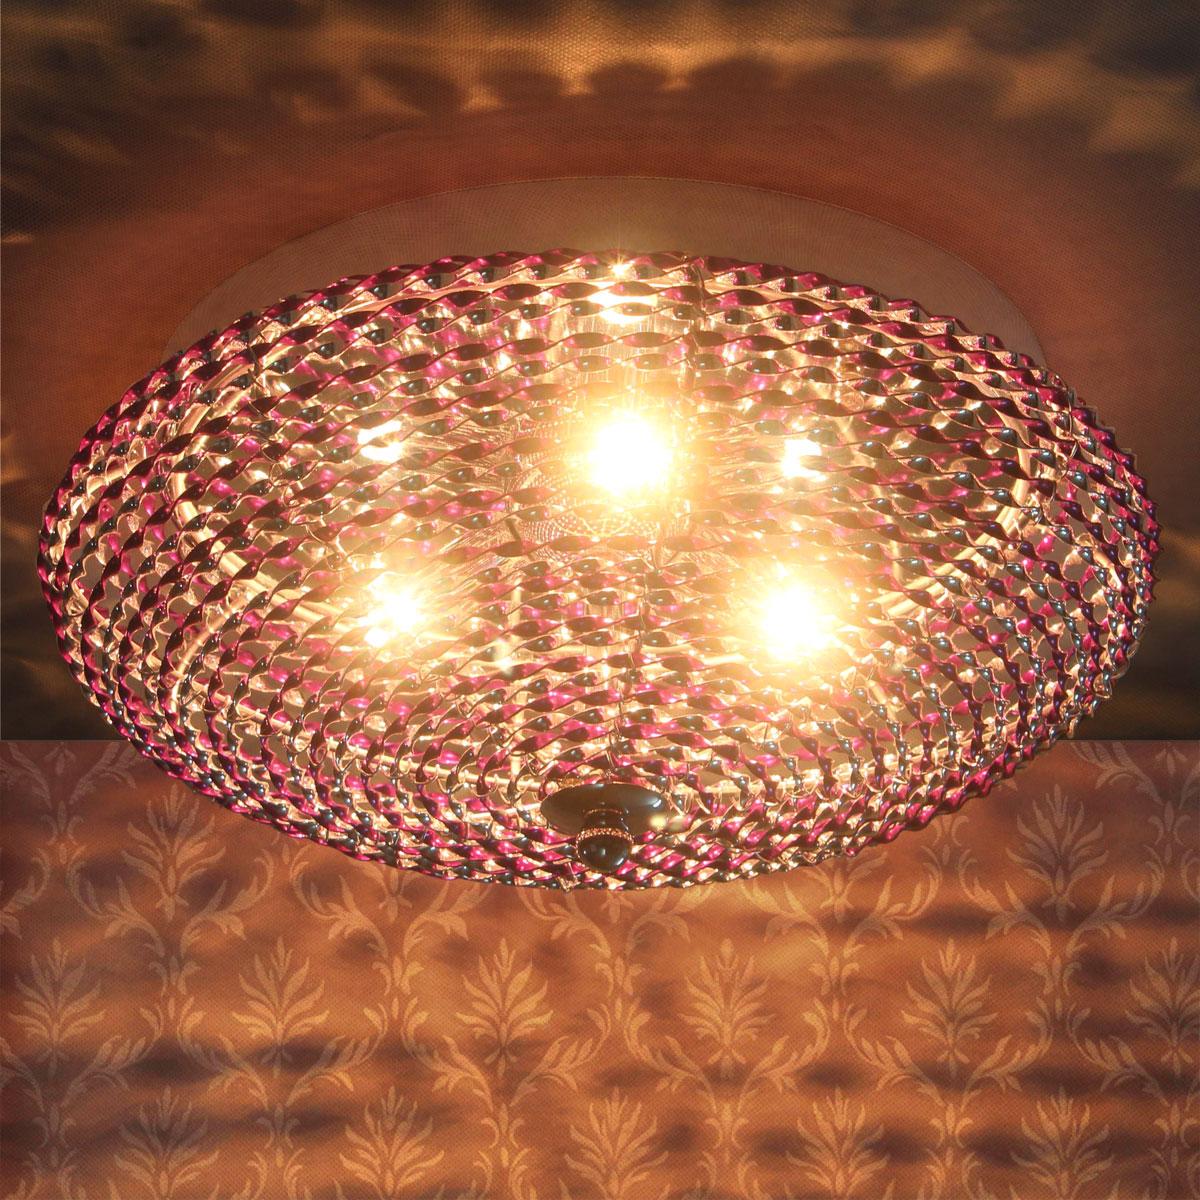 luxpro Deckenleuchte Deckenlampe Lampe Leuchte Mesh Kristall Chrom Wohnzimmer  eBay